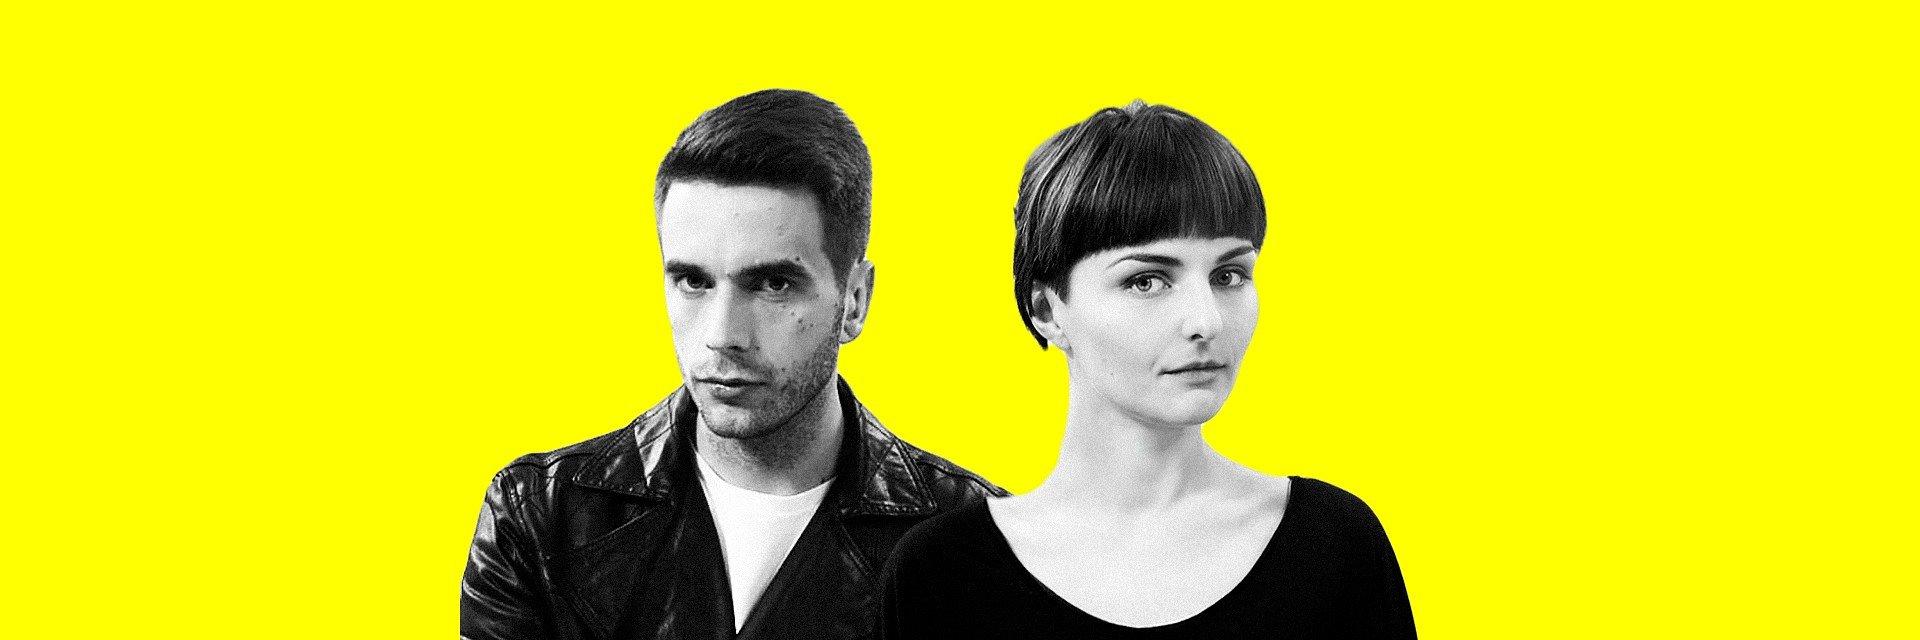 Marcin Rychlik i Ewa Juszczuk teamem kreatywnym w Scholz & Friends Warszawa (Grupa S/F)